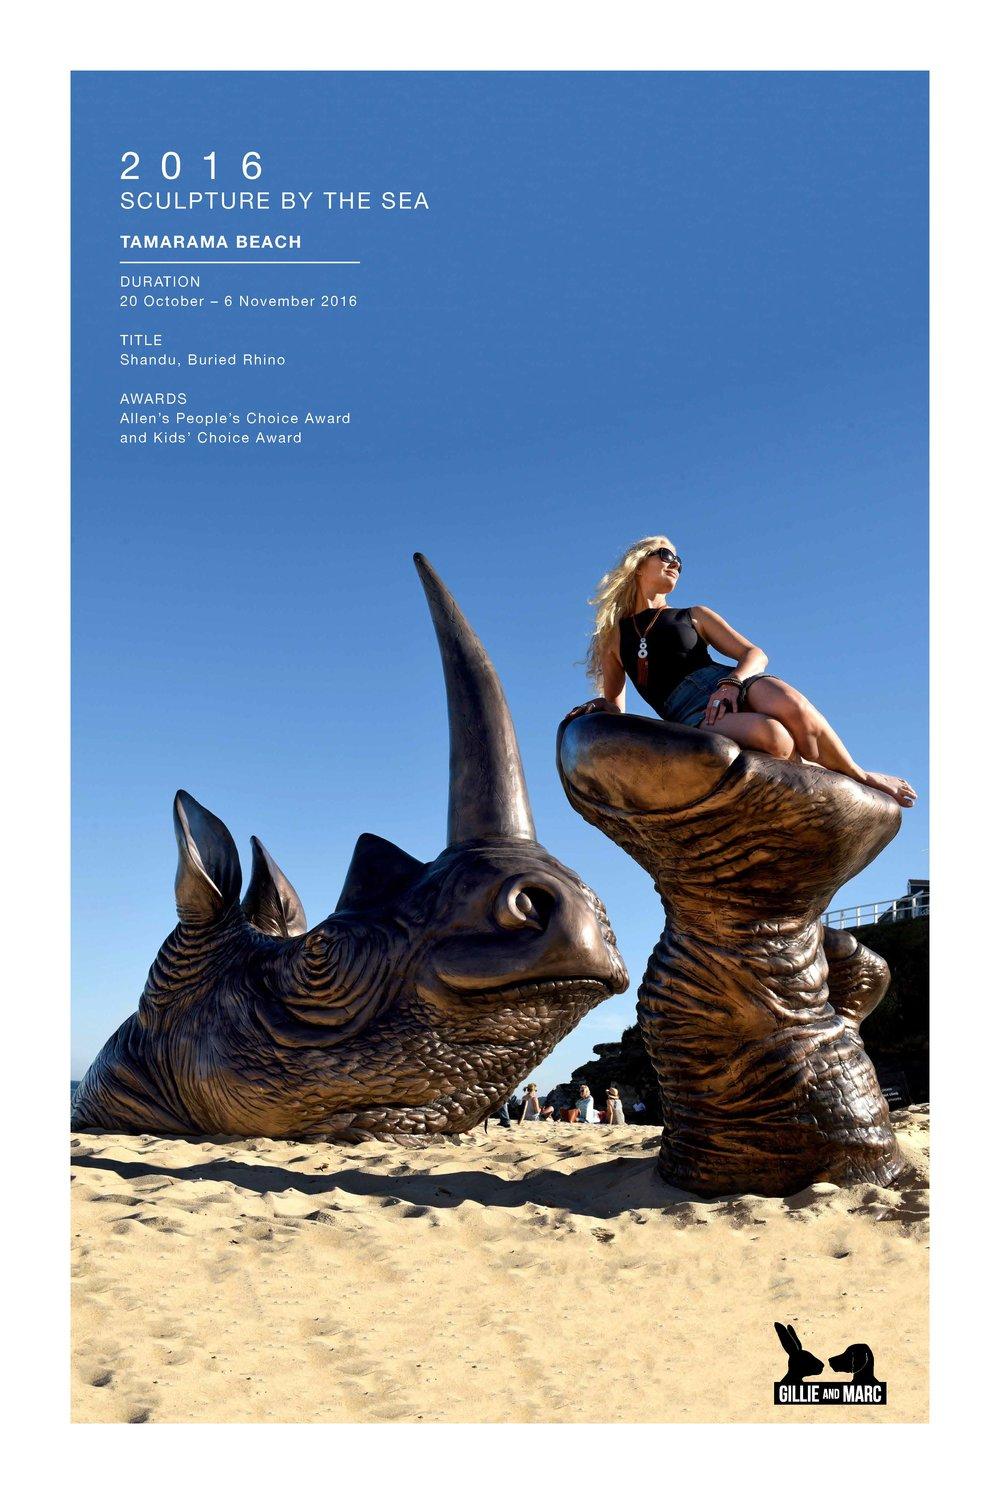 Shandu, Buried Rhino